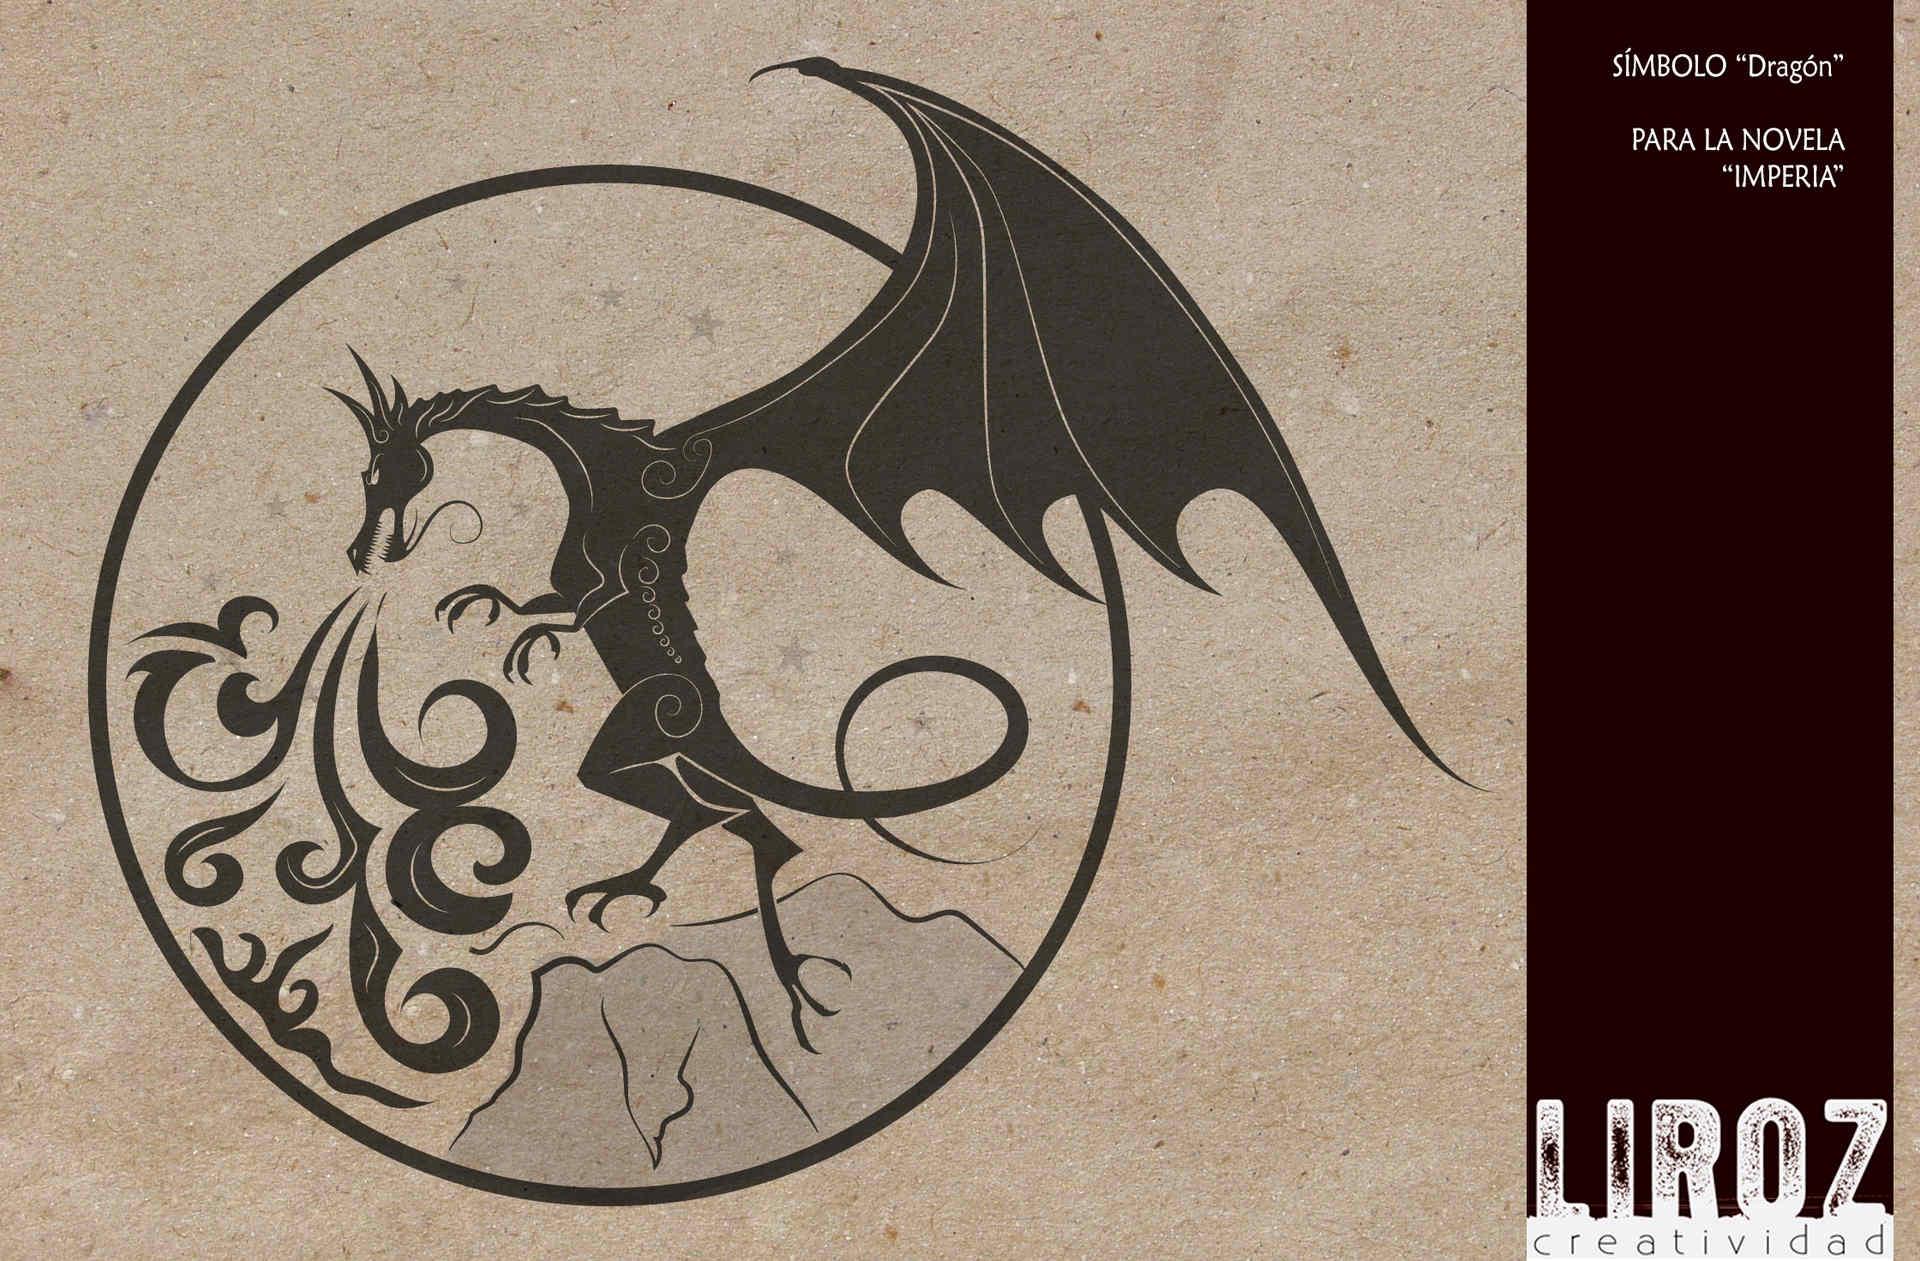 Emblema del Dragón